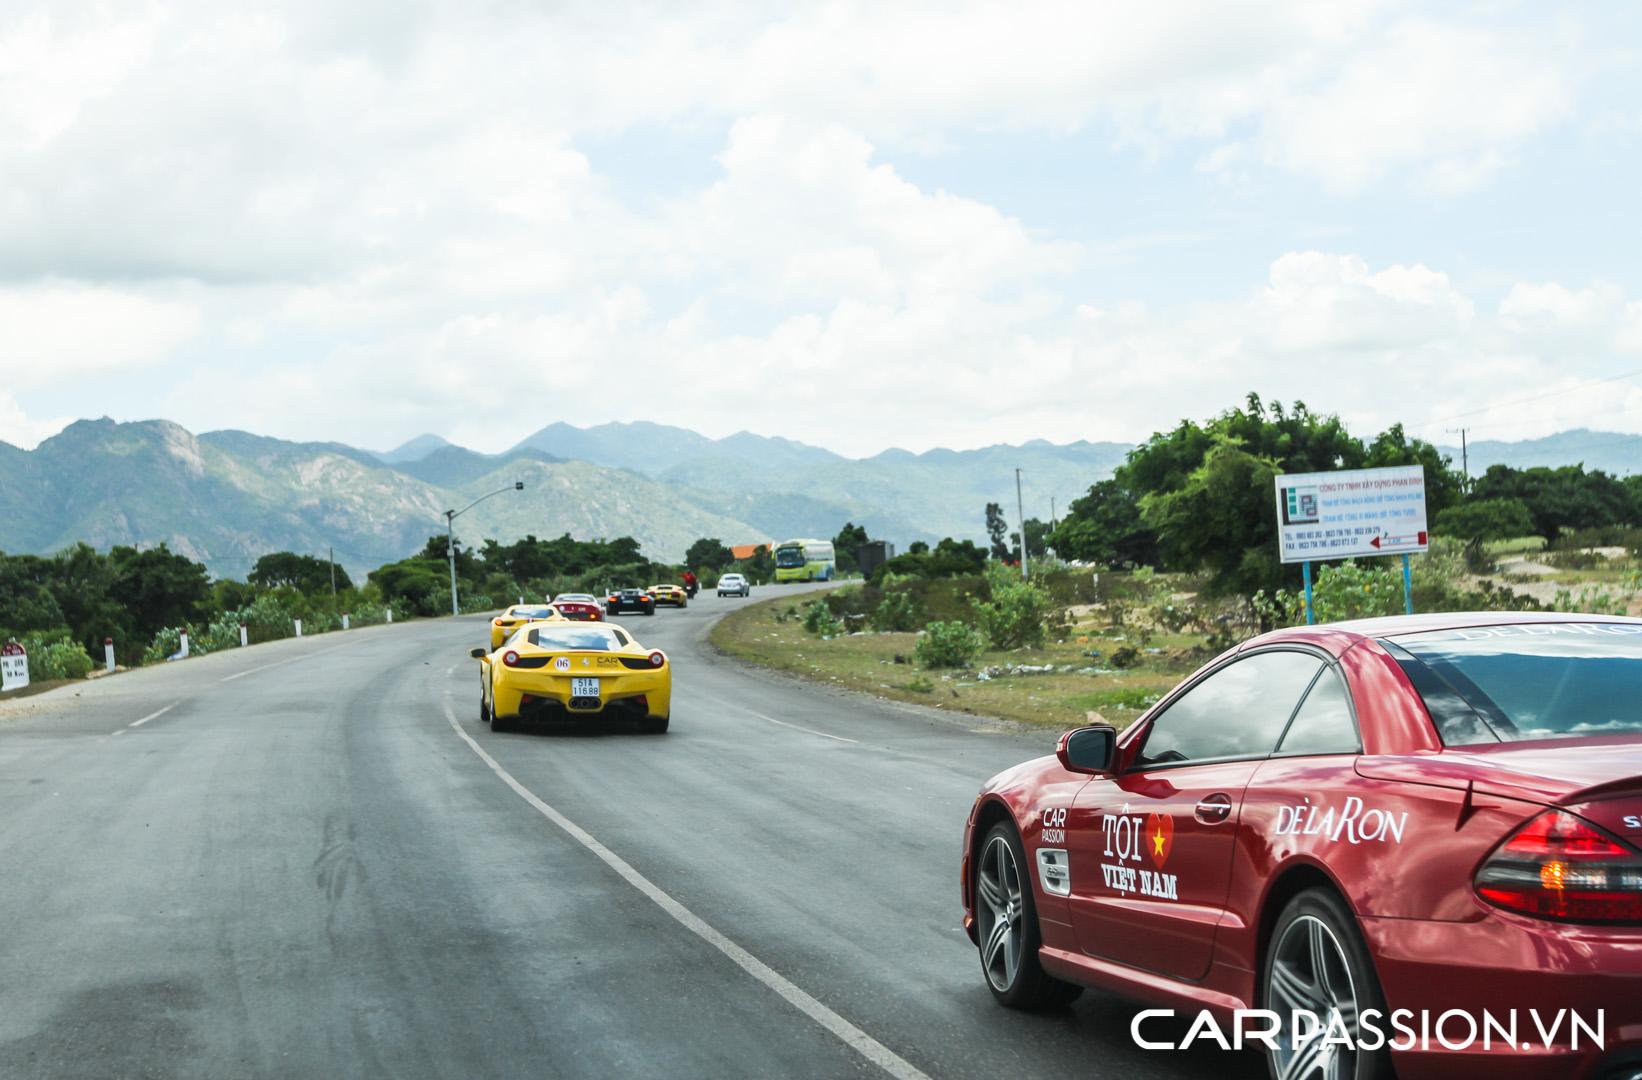 CP-Hành trình siêu xe CarPassion 2011 Day 2 (65).jpg